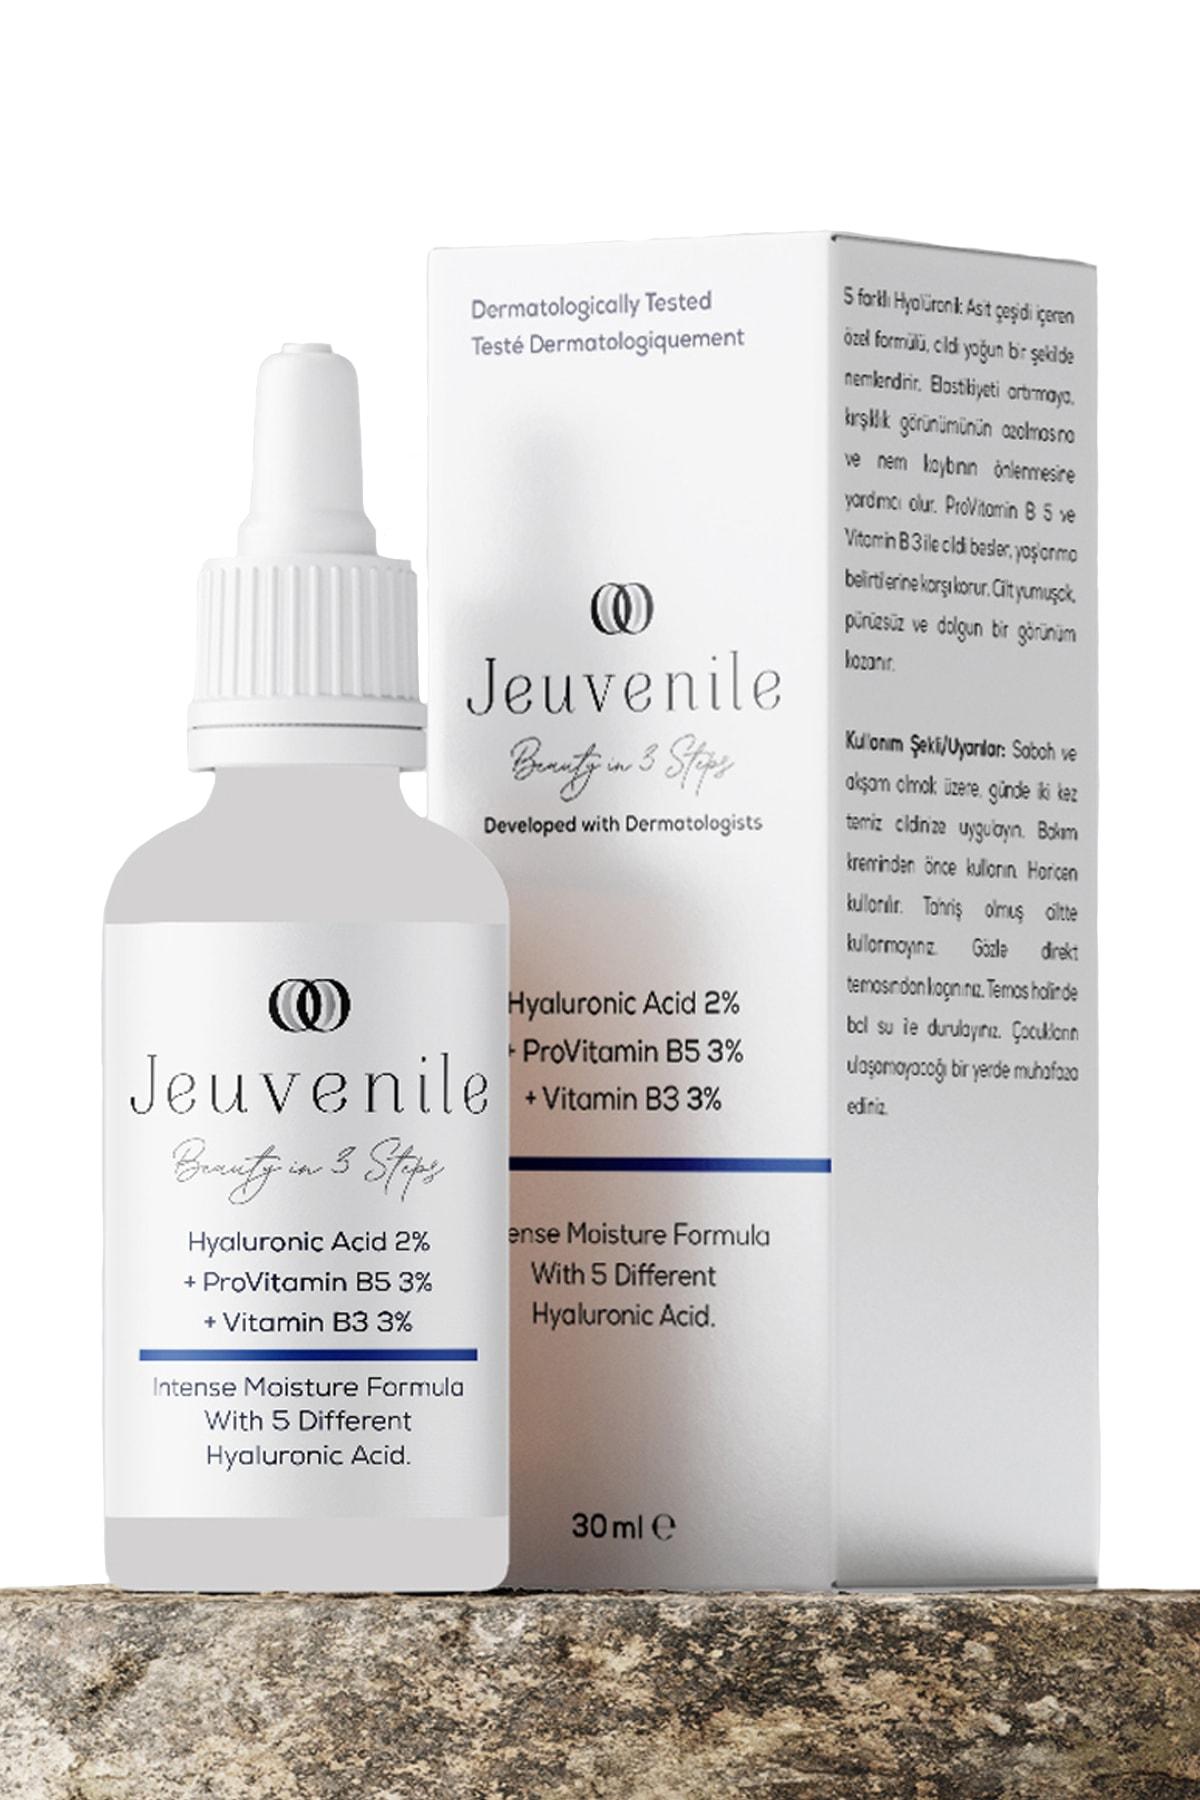 Jeuvenile Hyaluronic Acid %2 + Provitamin B5 %3 + Vitamin B3 %3 Yoğun Nemlendirici Serum 30ml 1